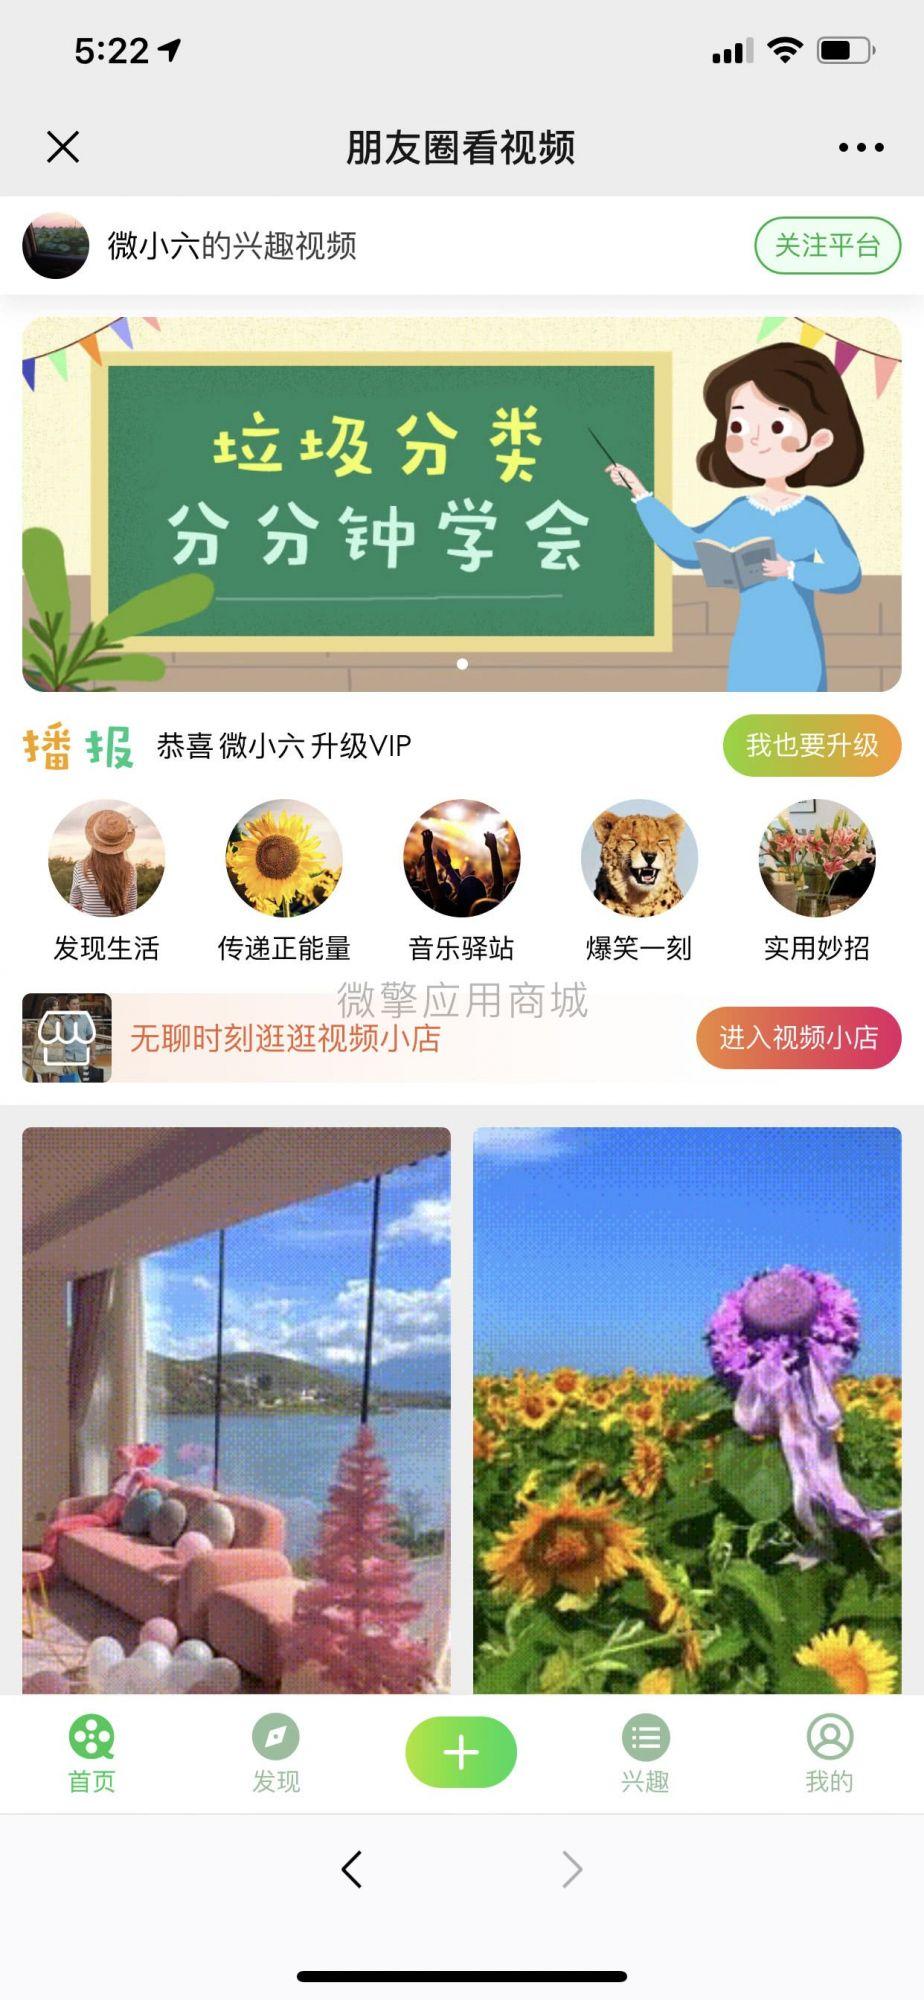 【功能模块】朋友圈看视频 zk_jqvideo 版本号:1.0.15-52资源网